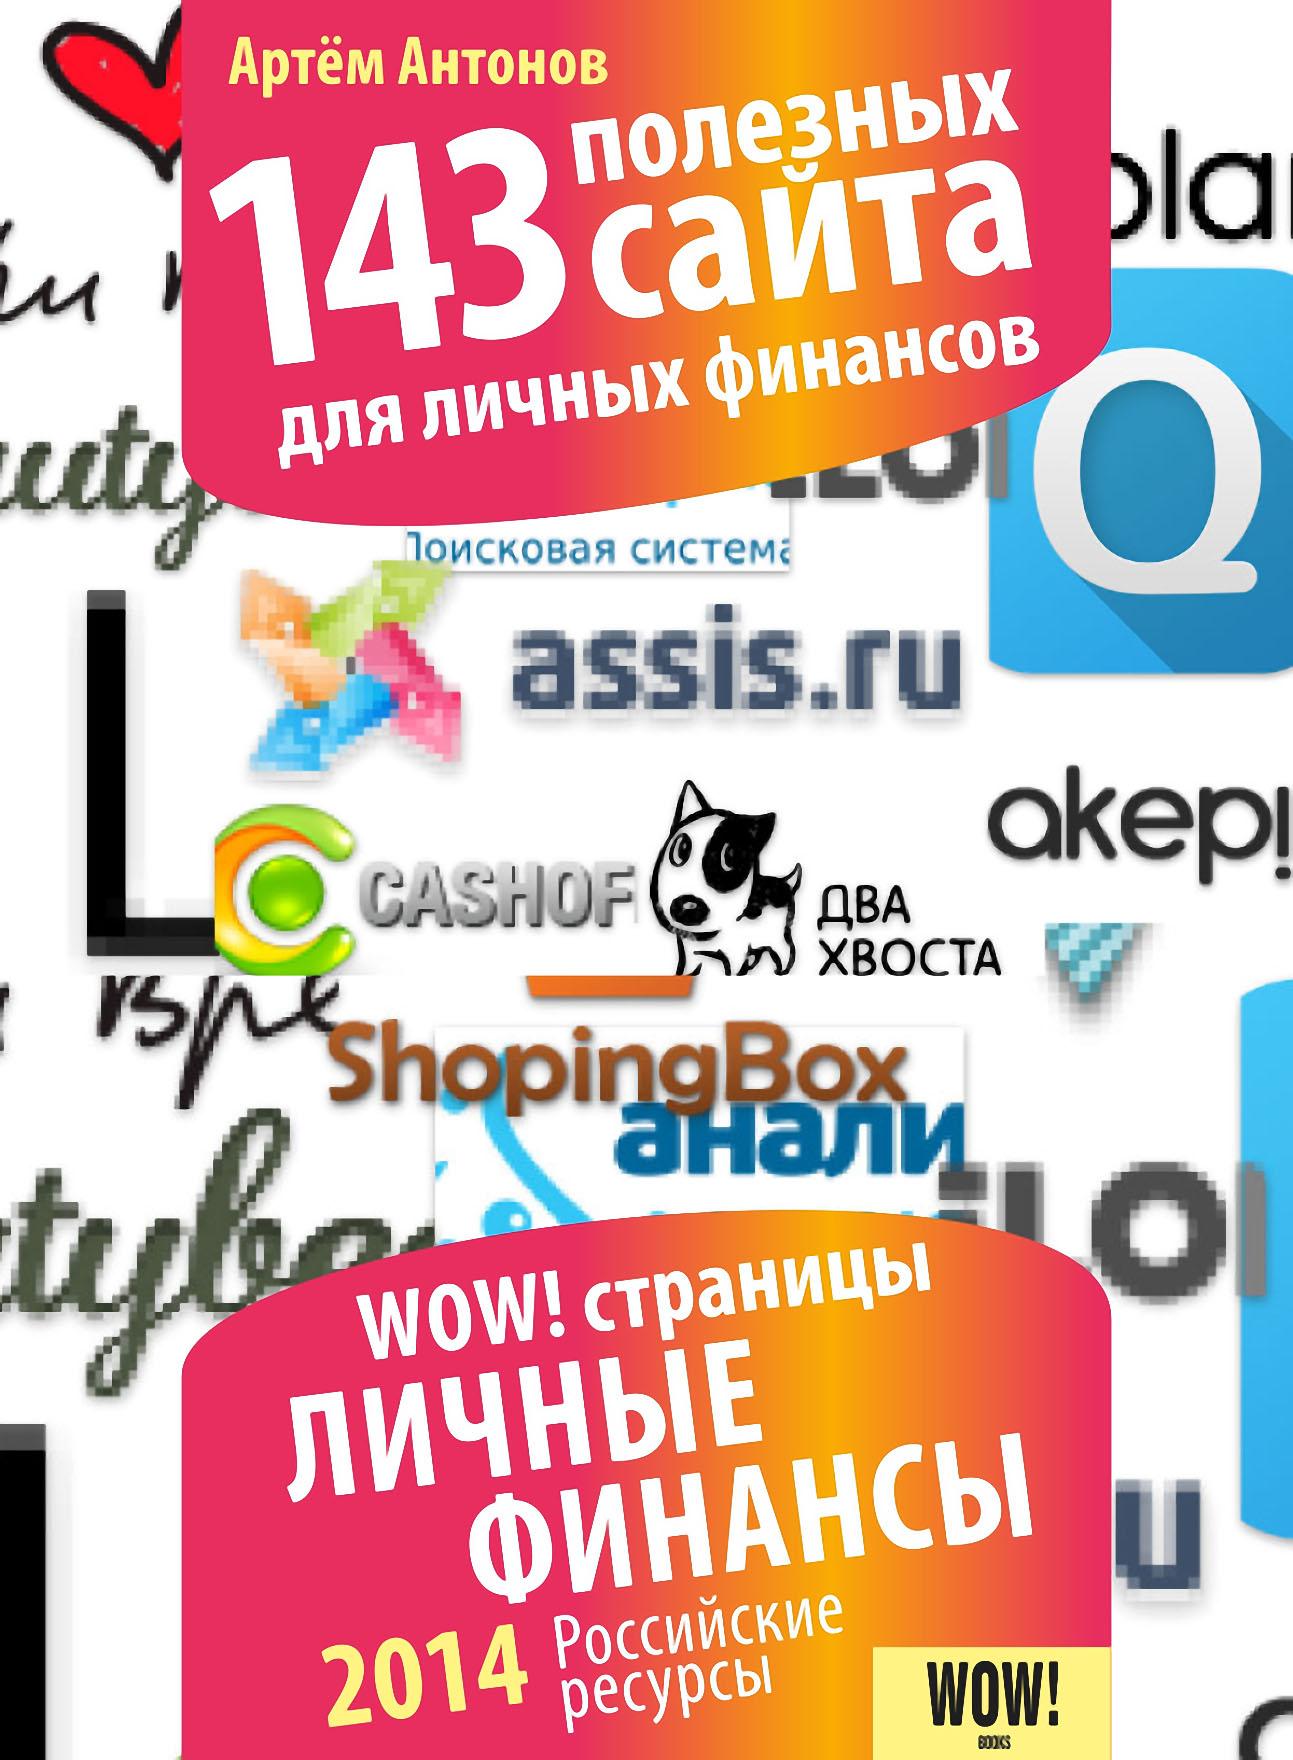 Артём Антонов 143 полезных сайта для личных финансов цена 2017